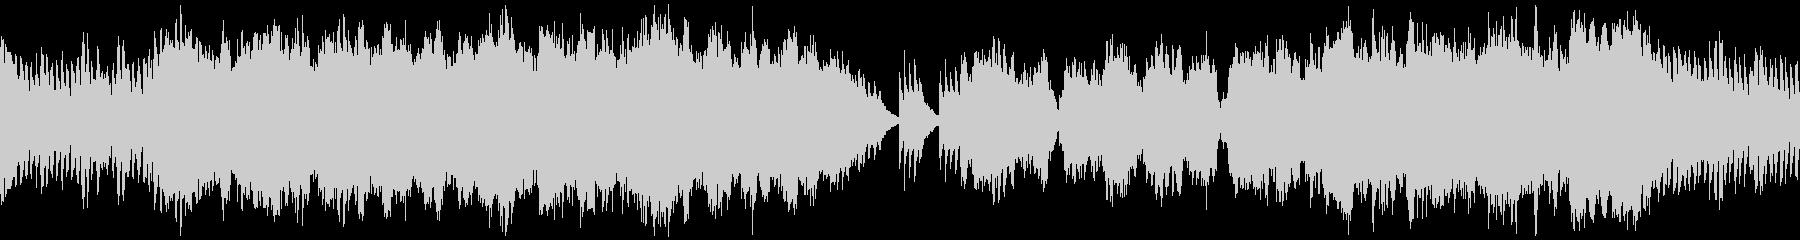 雄大で感動的な和風オーケストラ ループの未再生の波形